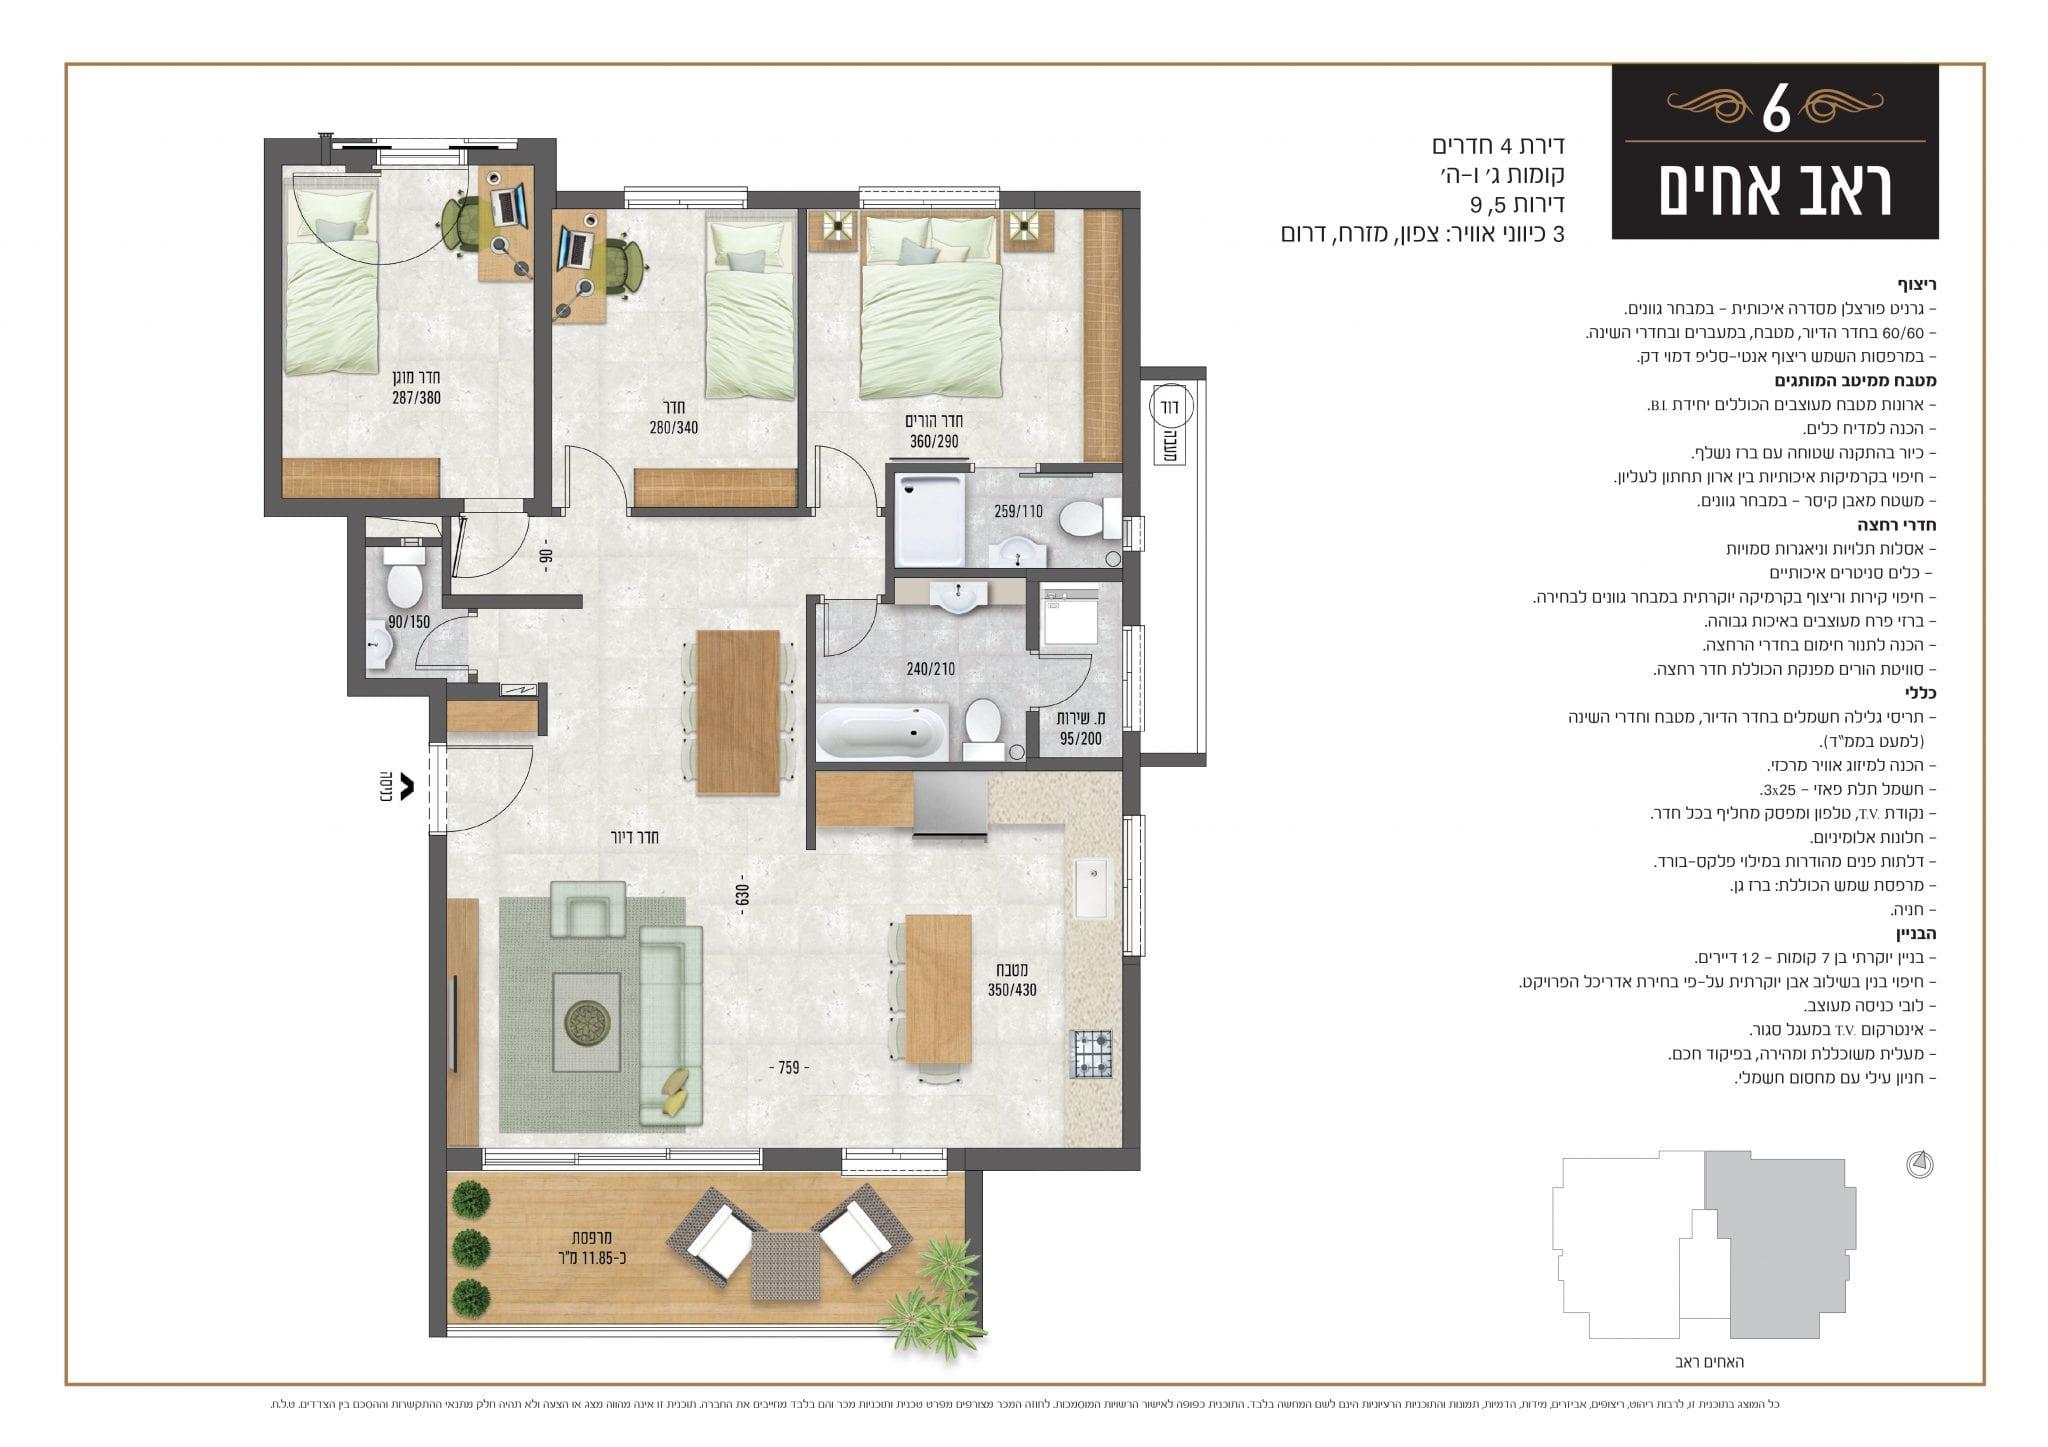 דירת 4 חדרים, קומות 2,5 - מספר 5,9